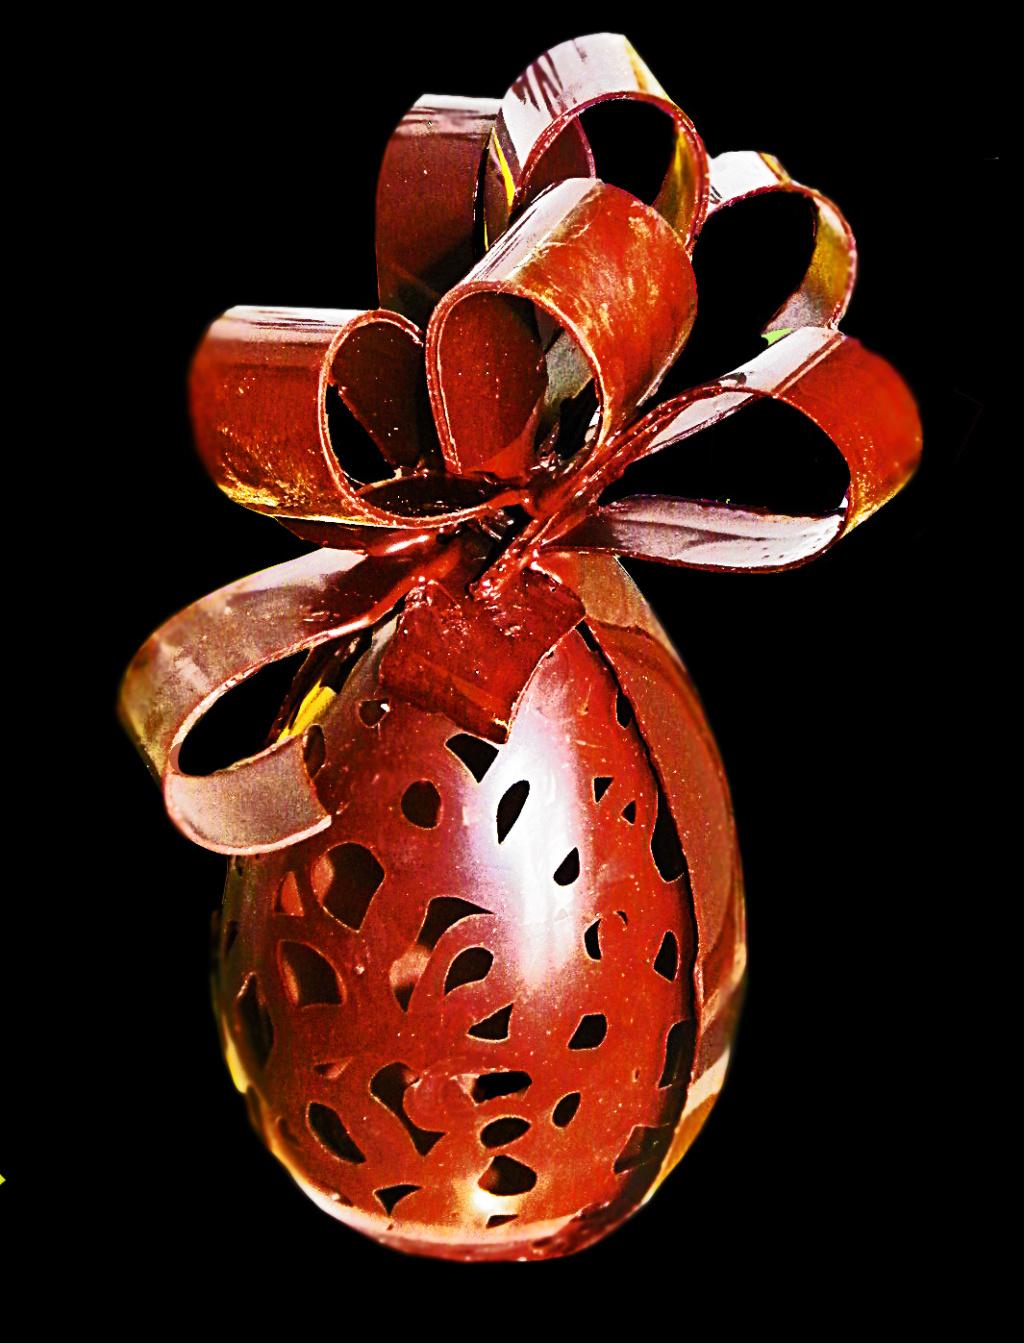 Concours du plus bel œuf de pâques  - Page 3 Sweety11